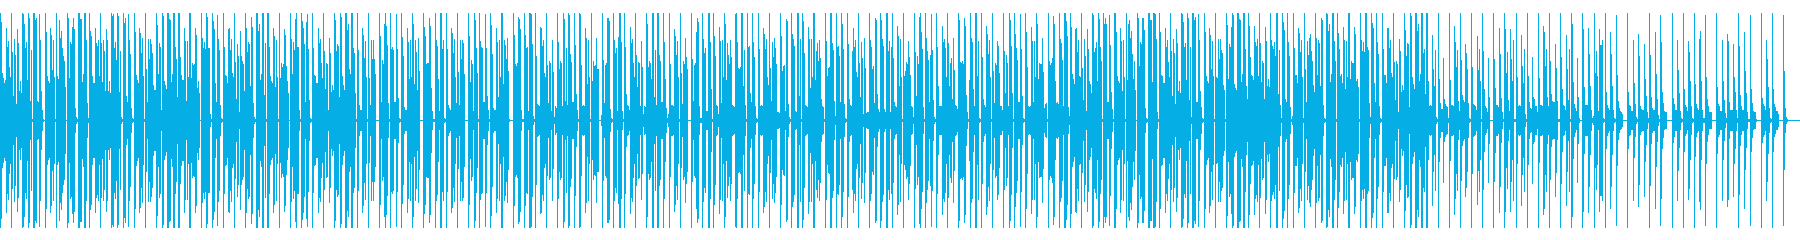 アホみたいな楽しい雰囲気専用 ほのぼのの再生済みの波形